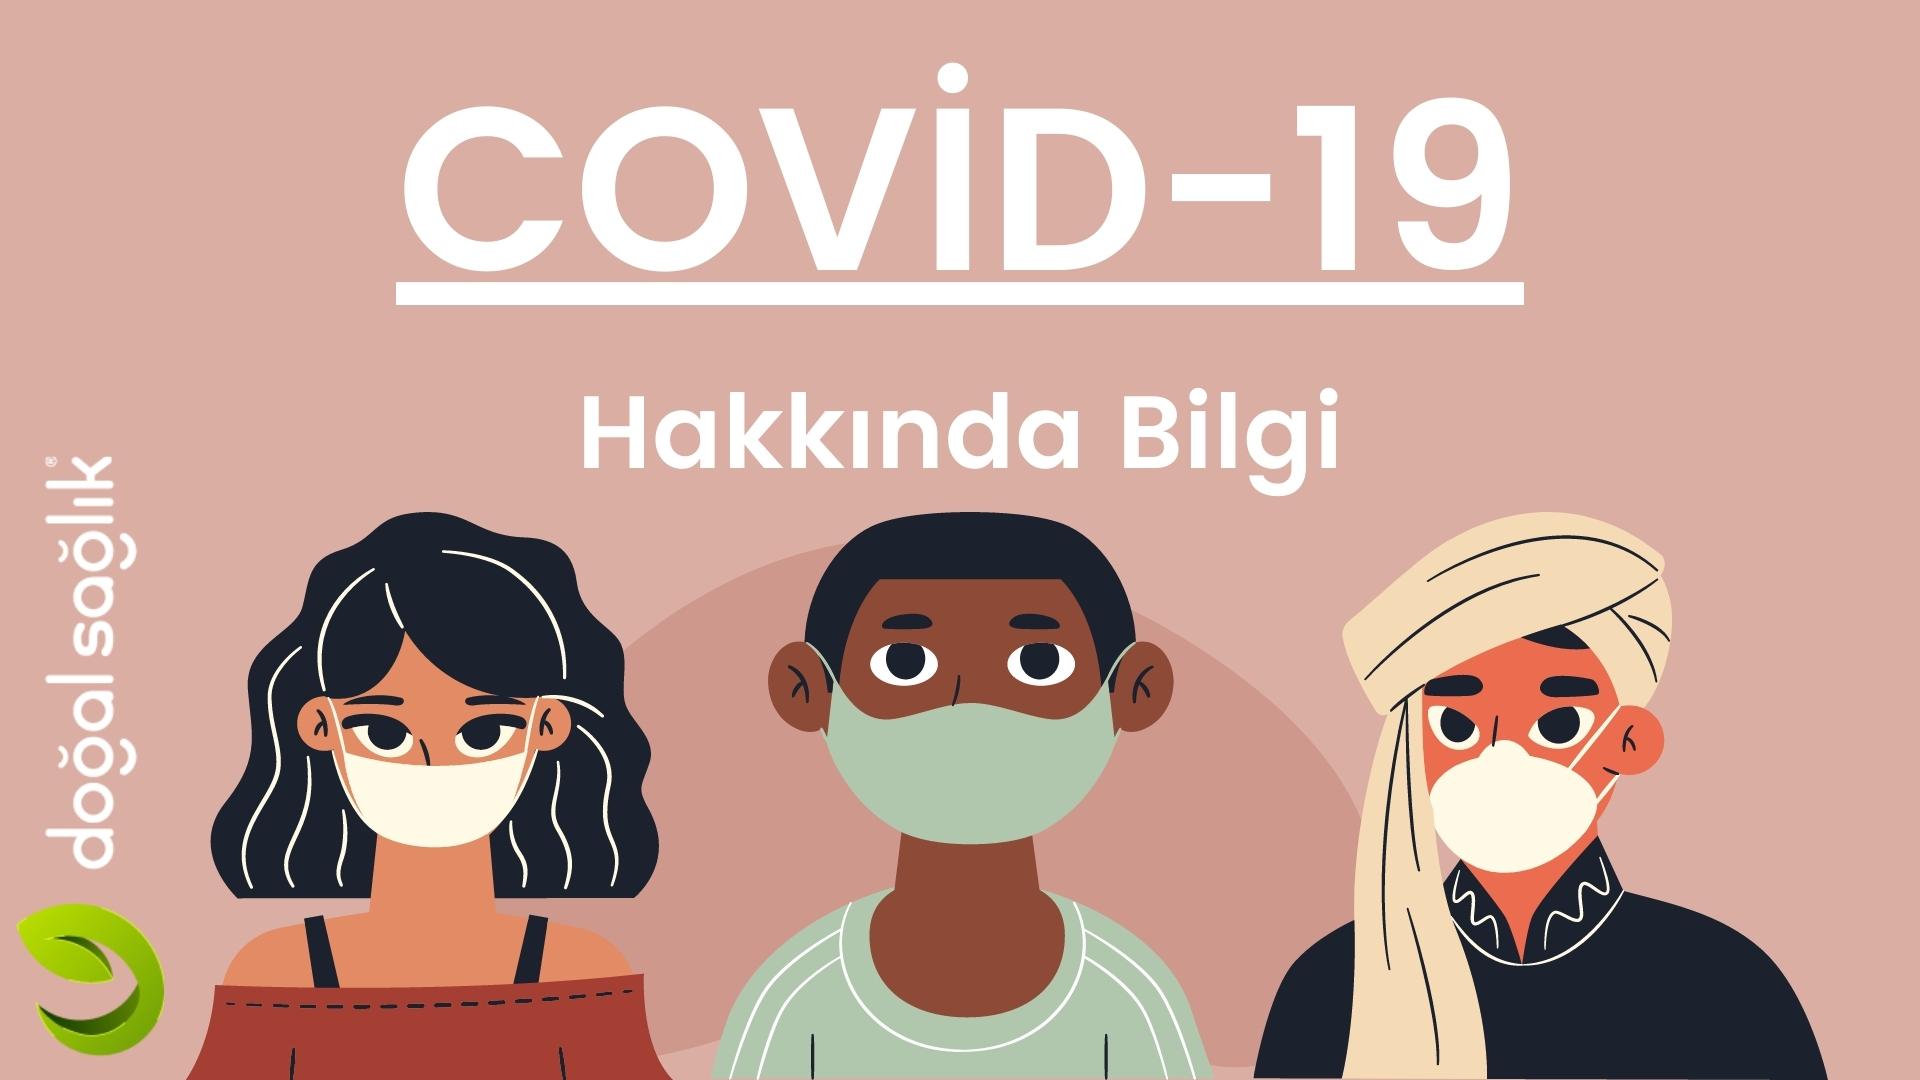 Covid-19 Hakkında Bilgi